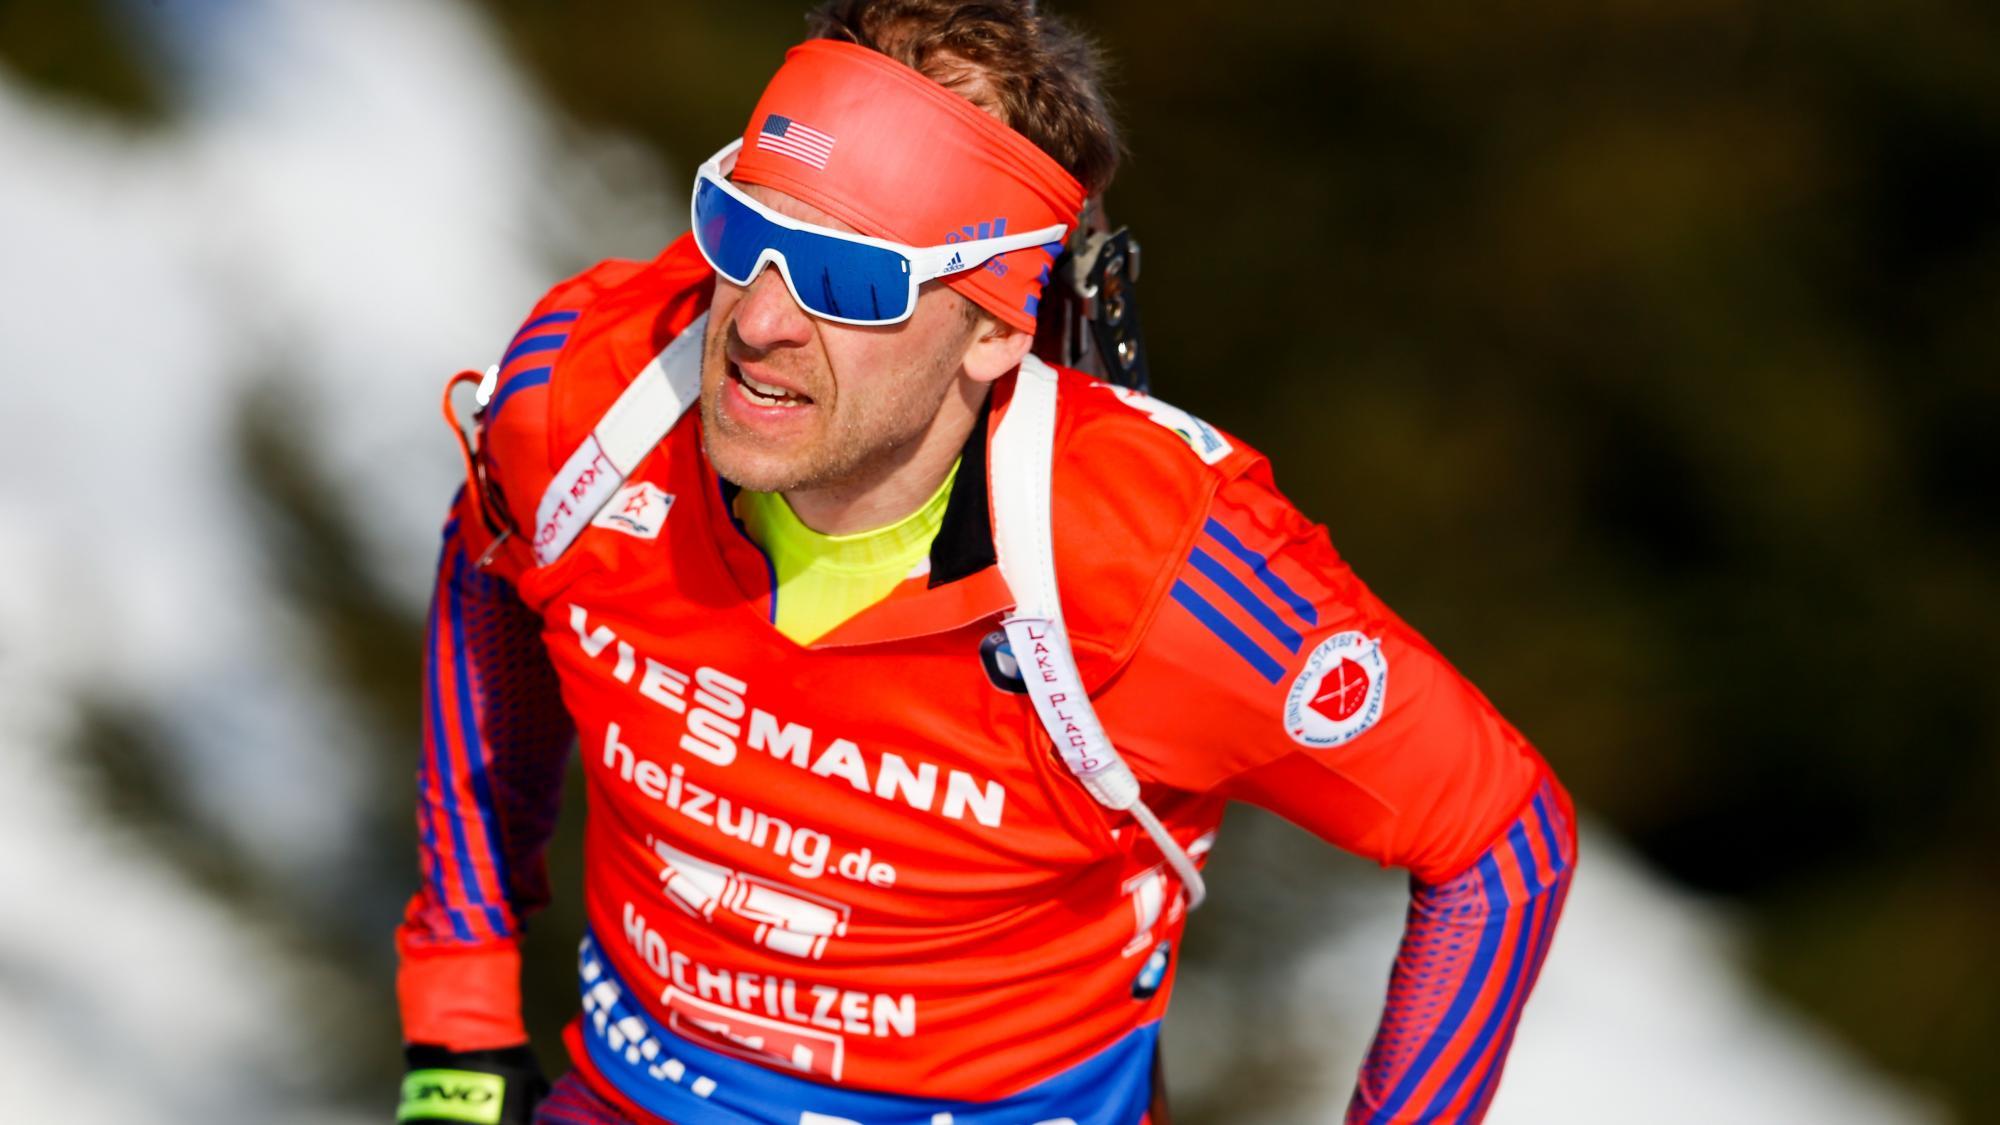 Житель америки  Бэйли одержал победу  персональную  гонку наЧМ, Шипулин— 7-мой